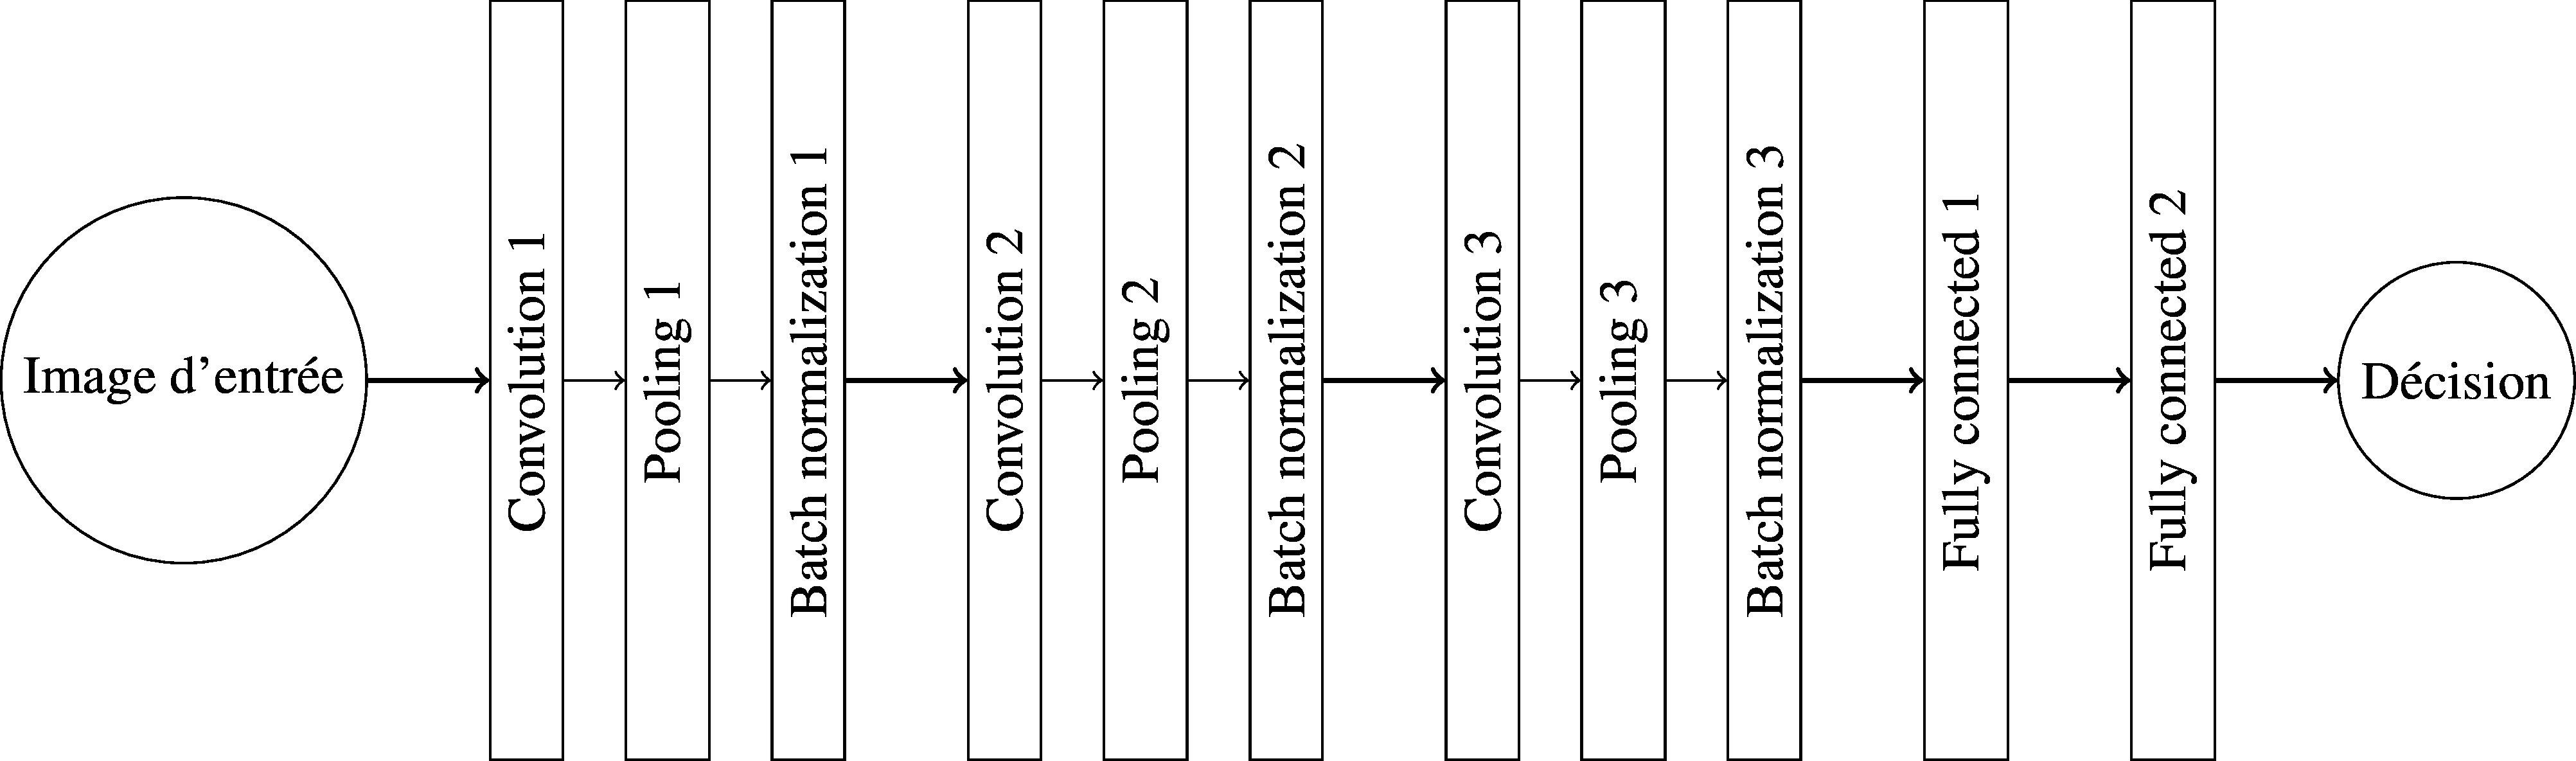 Un réseau profond complet